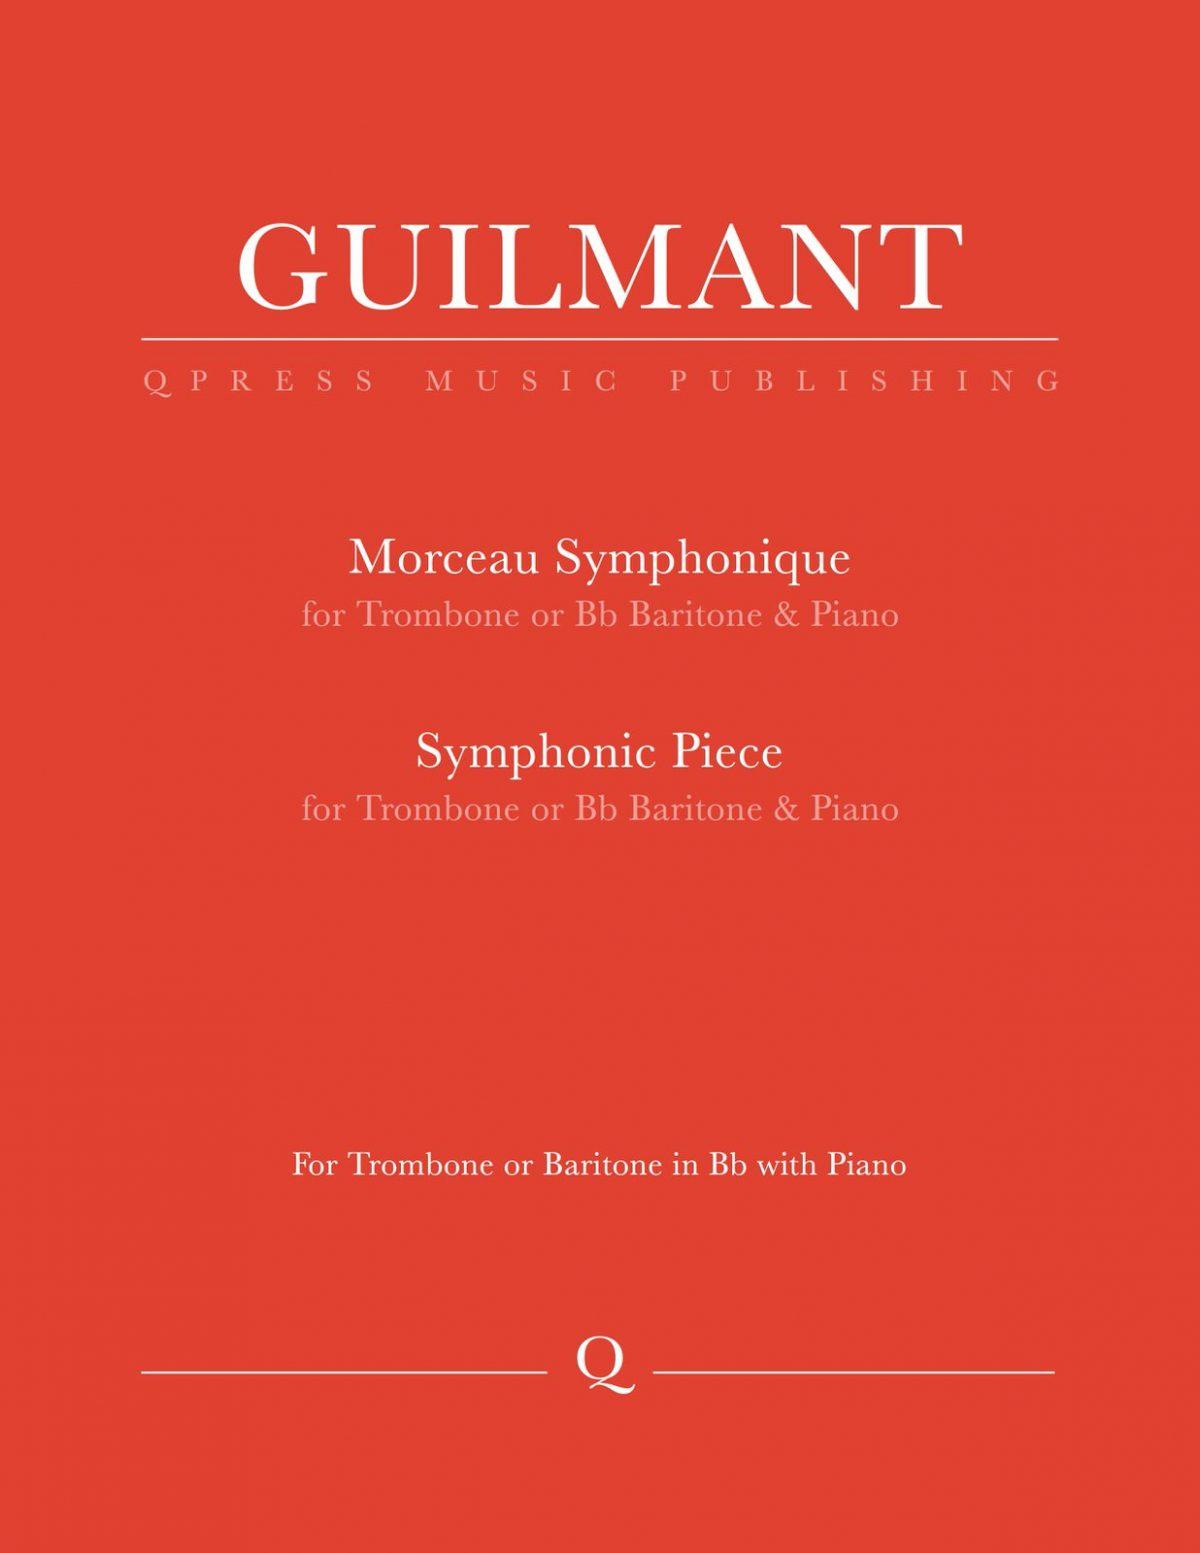 Guilmant, Alexandre Morceau Symphonique-p01